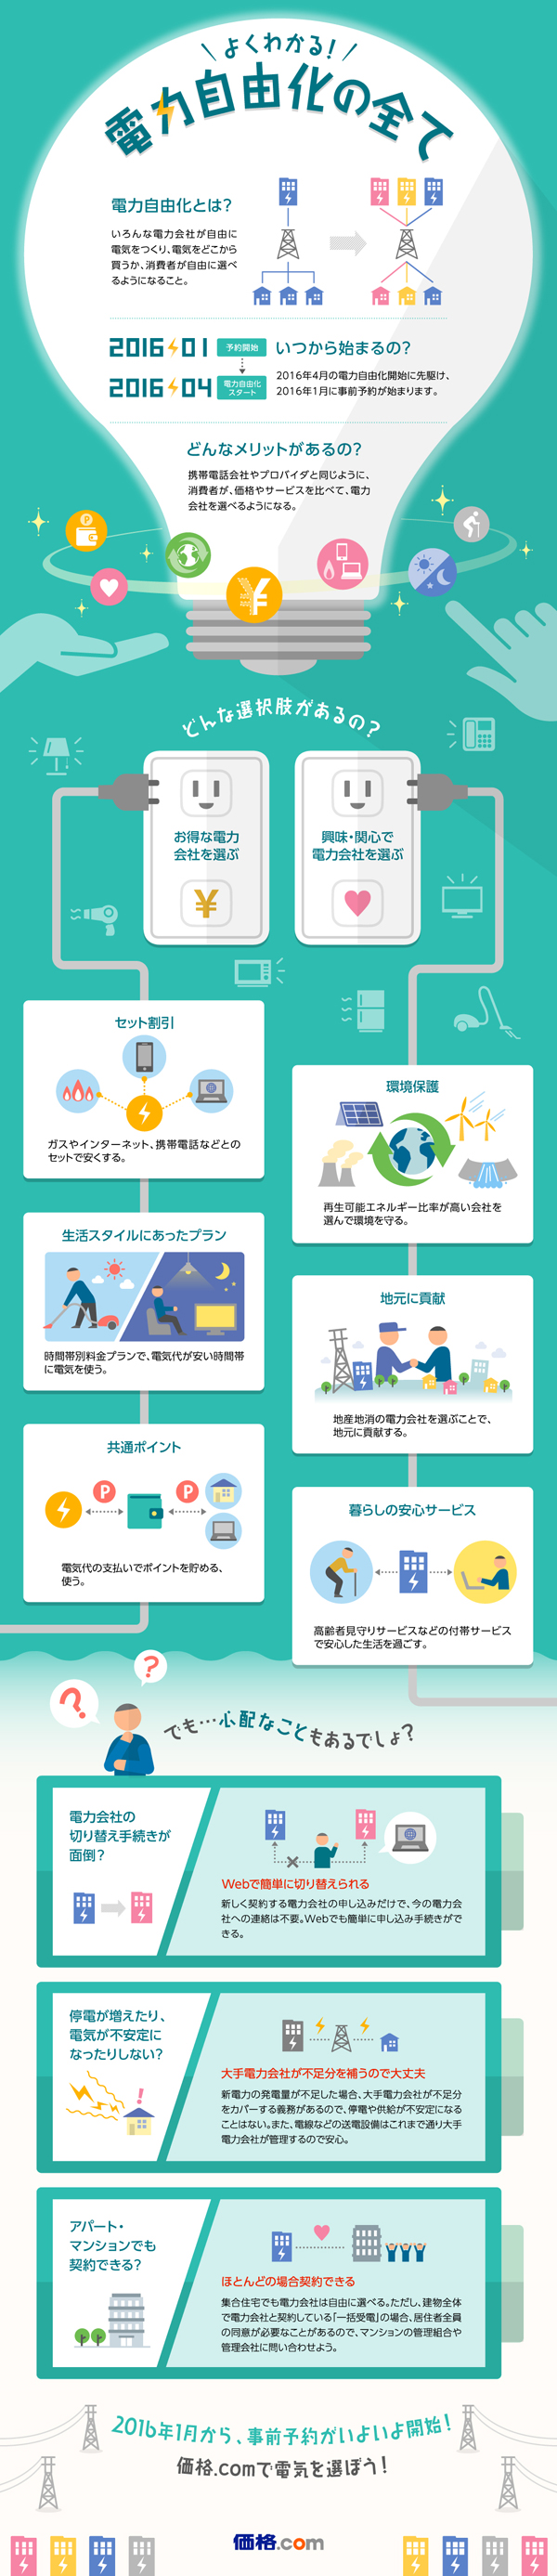 インフォグラフィックス:インフォグラフィックでよくわかる!電力自由化の全て